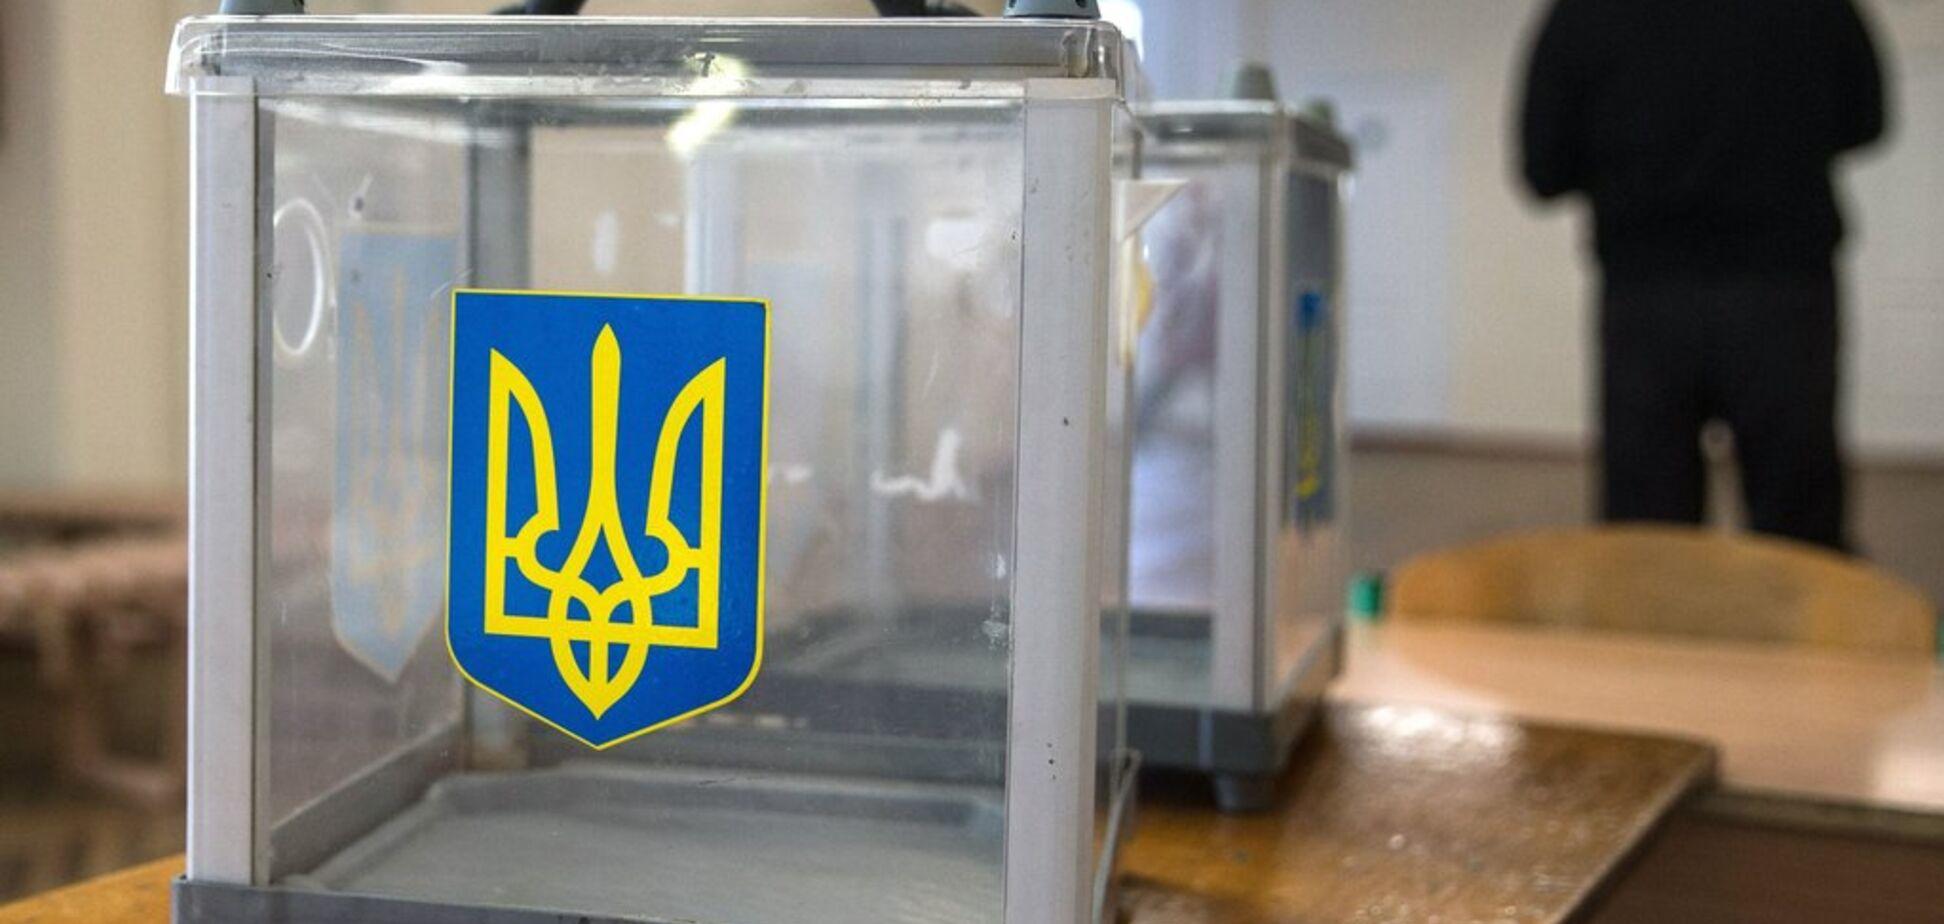 Втручання у вибори президента: СБУ назвала імена фігурантів скандалу